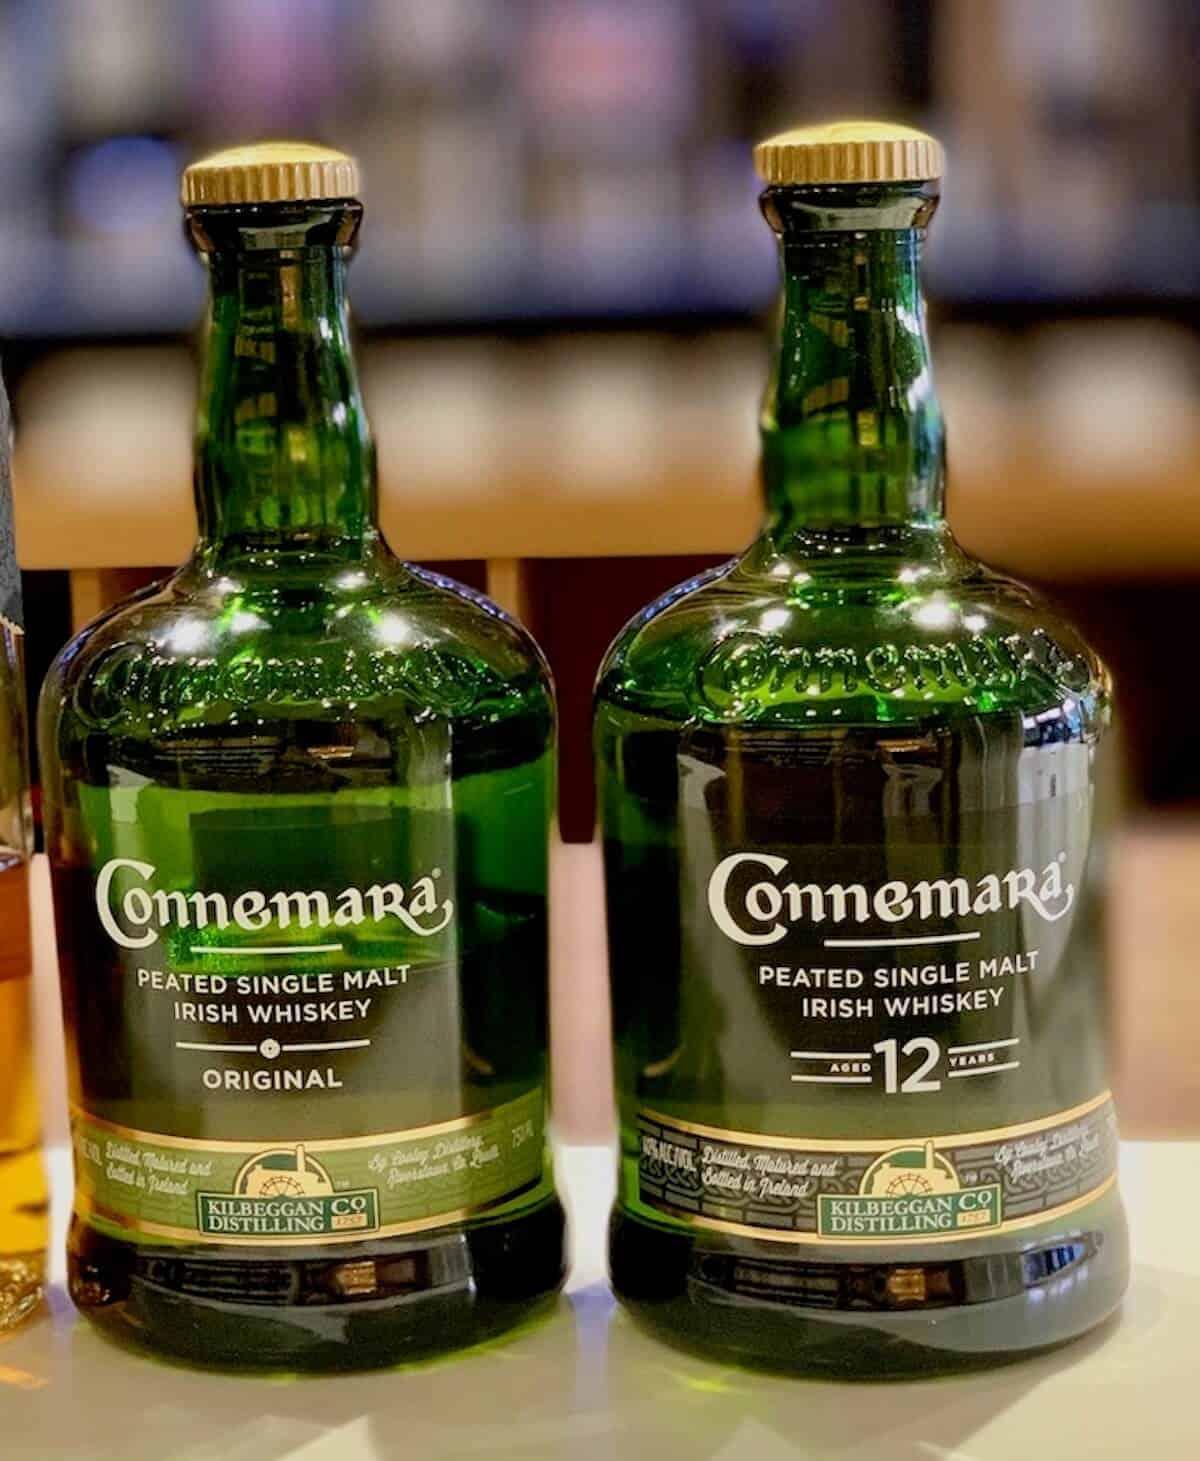 Connemara lineup in bottles